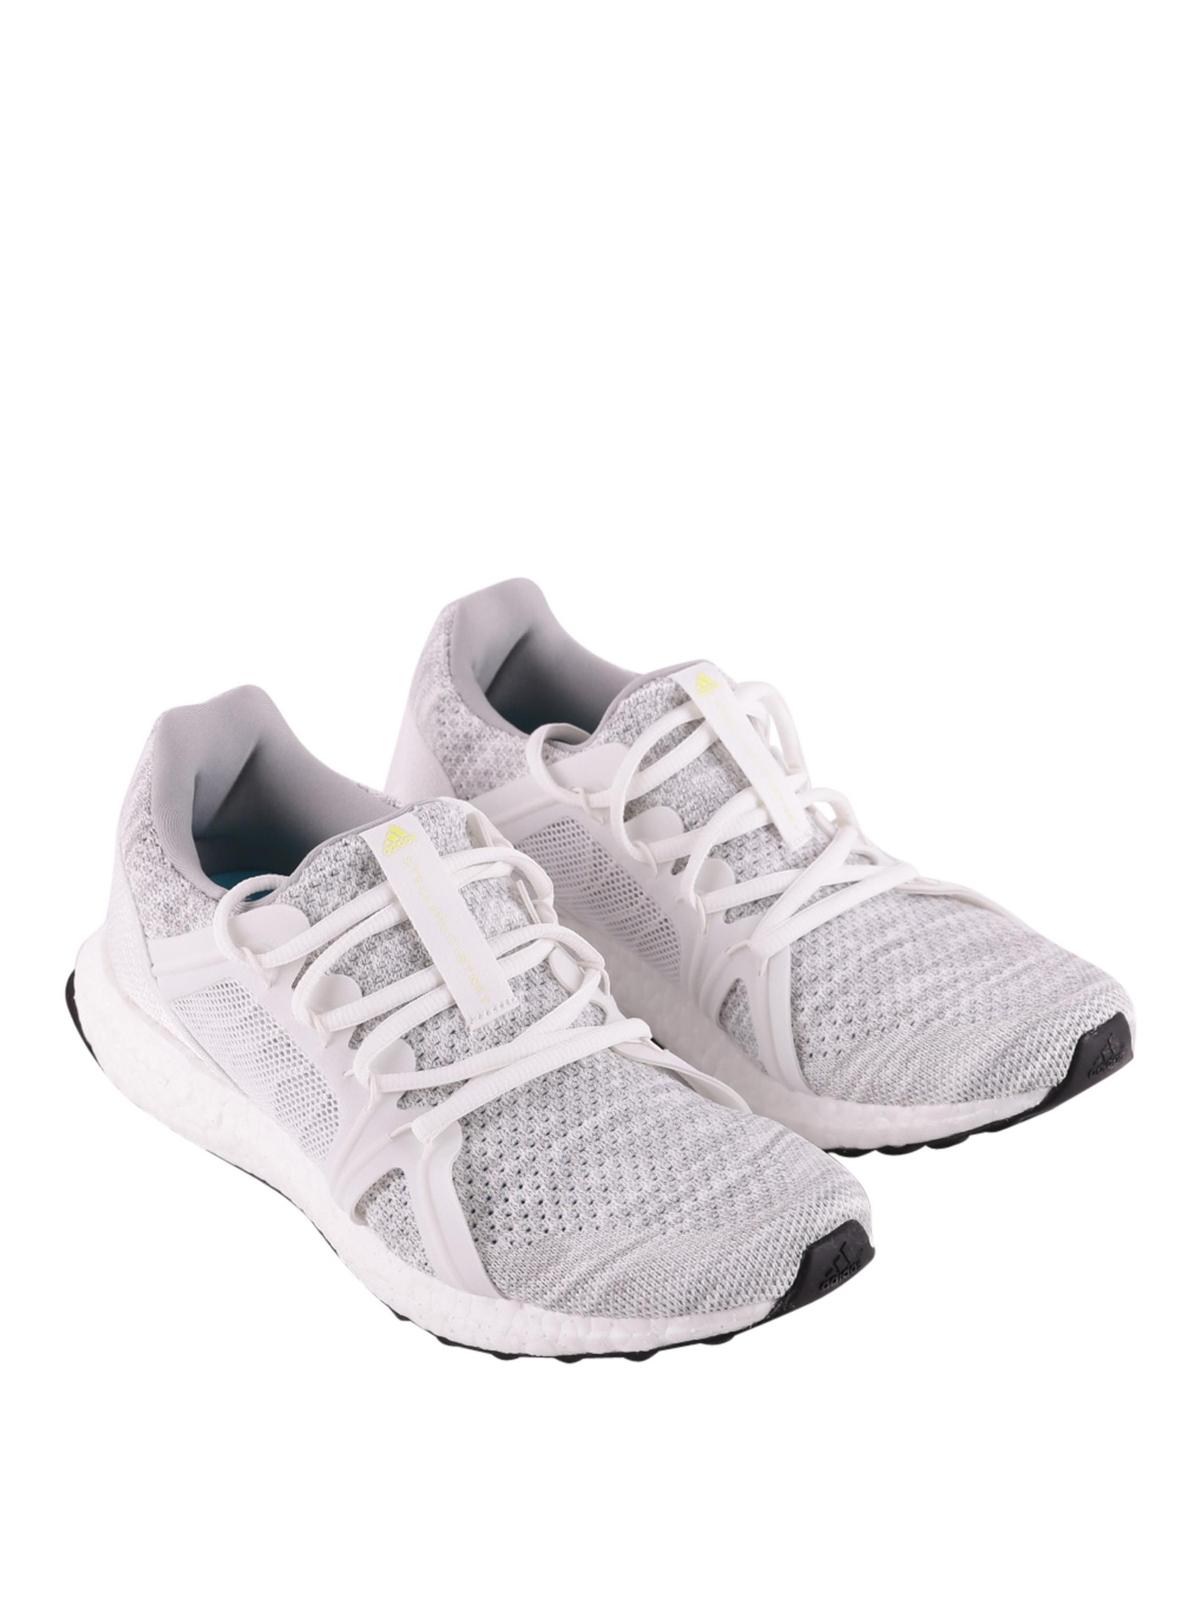 Adidas Da Stella Mccartney Ultraboost Parley Correndo.